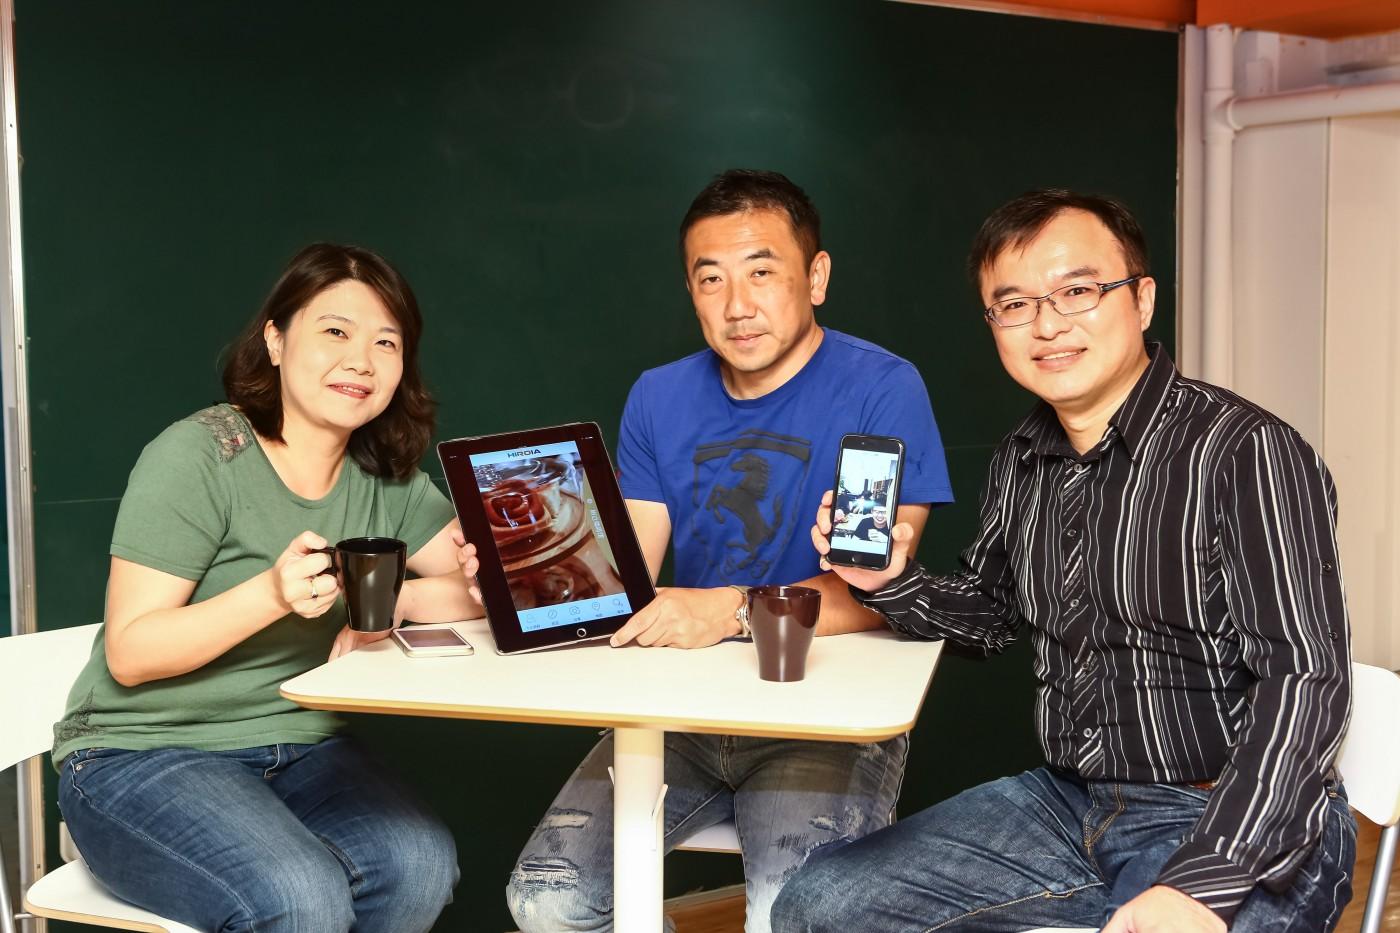 用精品咖啡行銷平台布局咖啡產業供應鏈藍圖──Hiroia